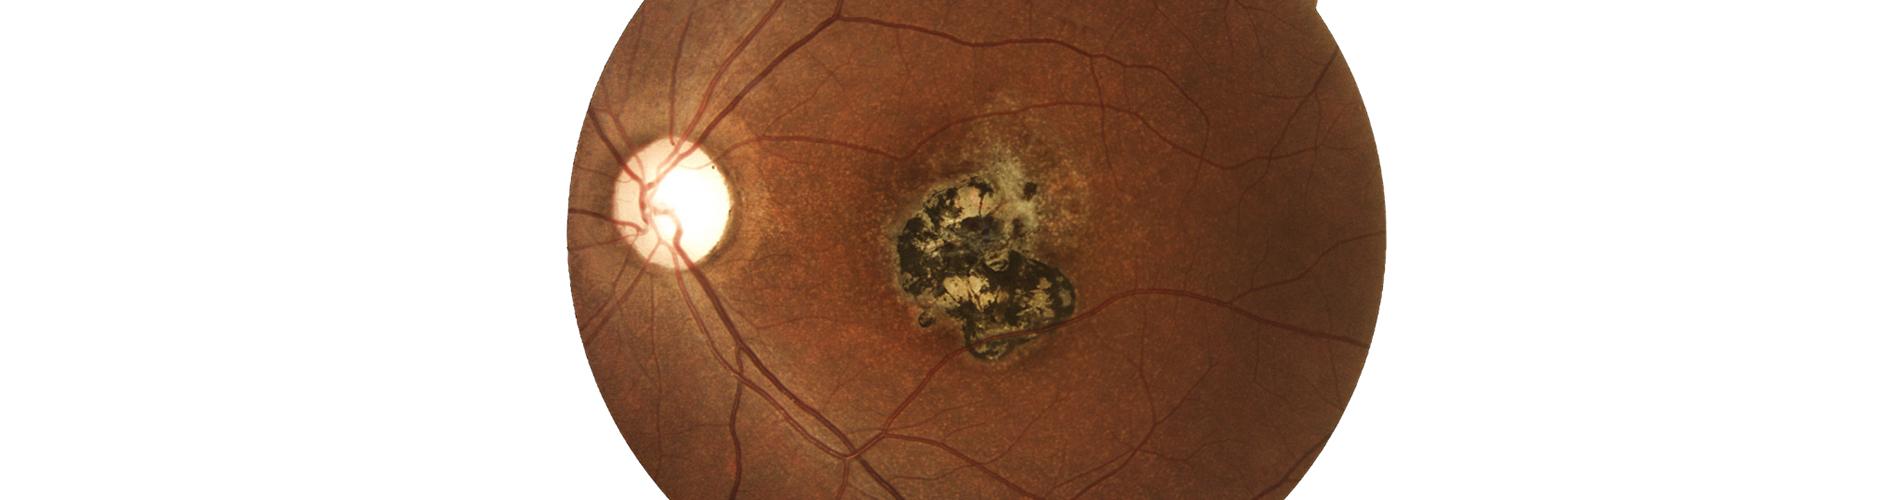 cómo medir la tensión ocular